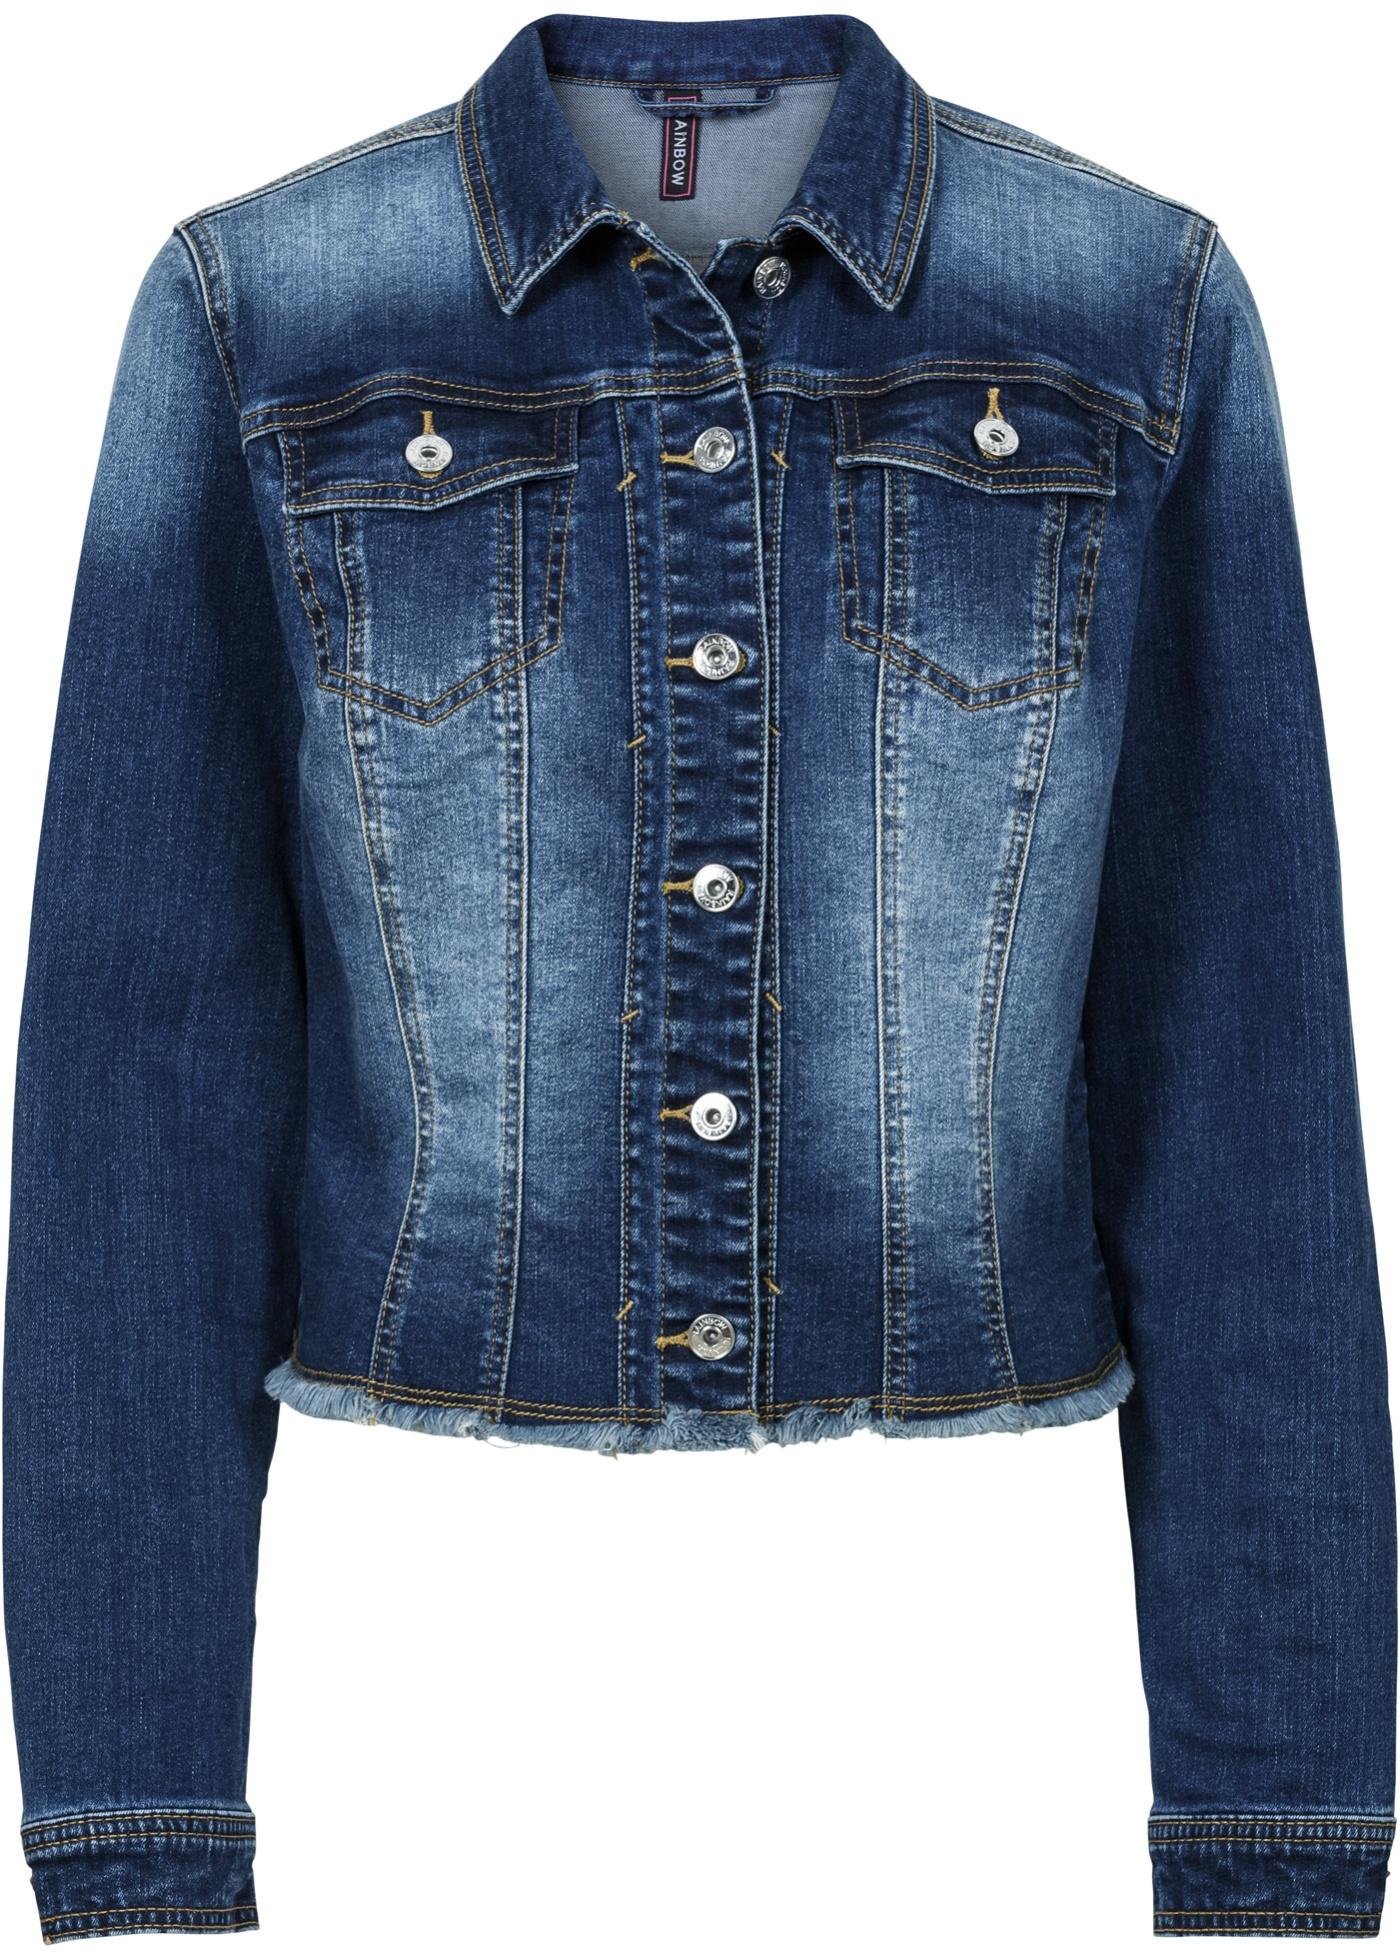 Džínová bunda s obnošenými efekty - Modrá